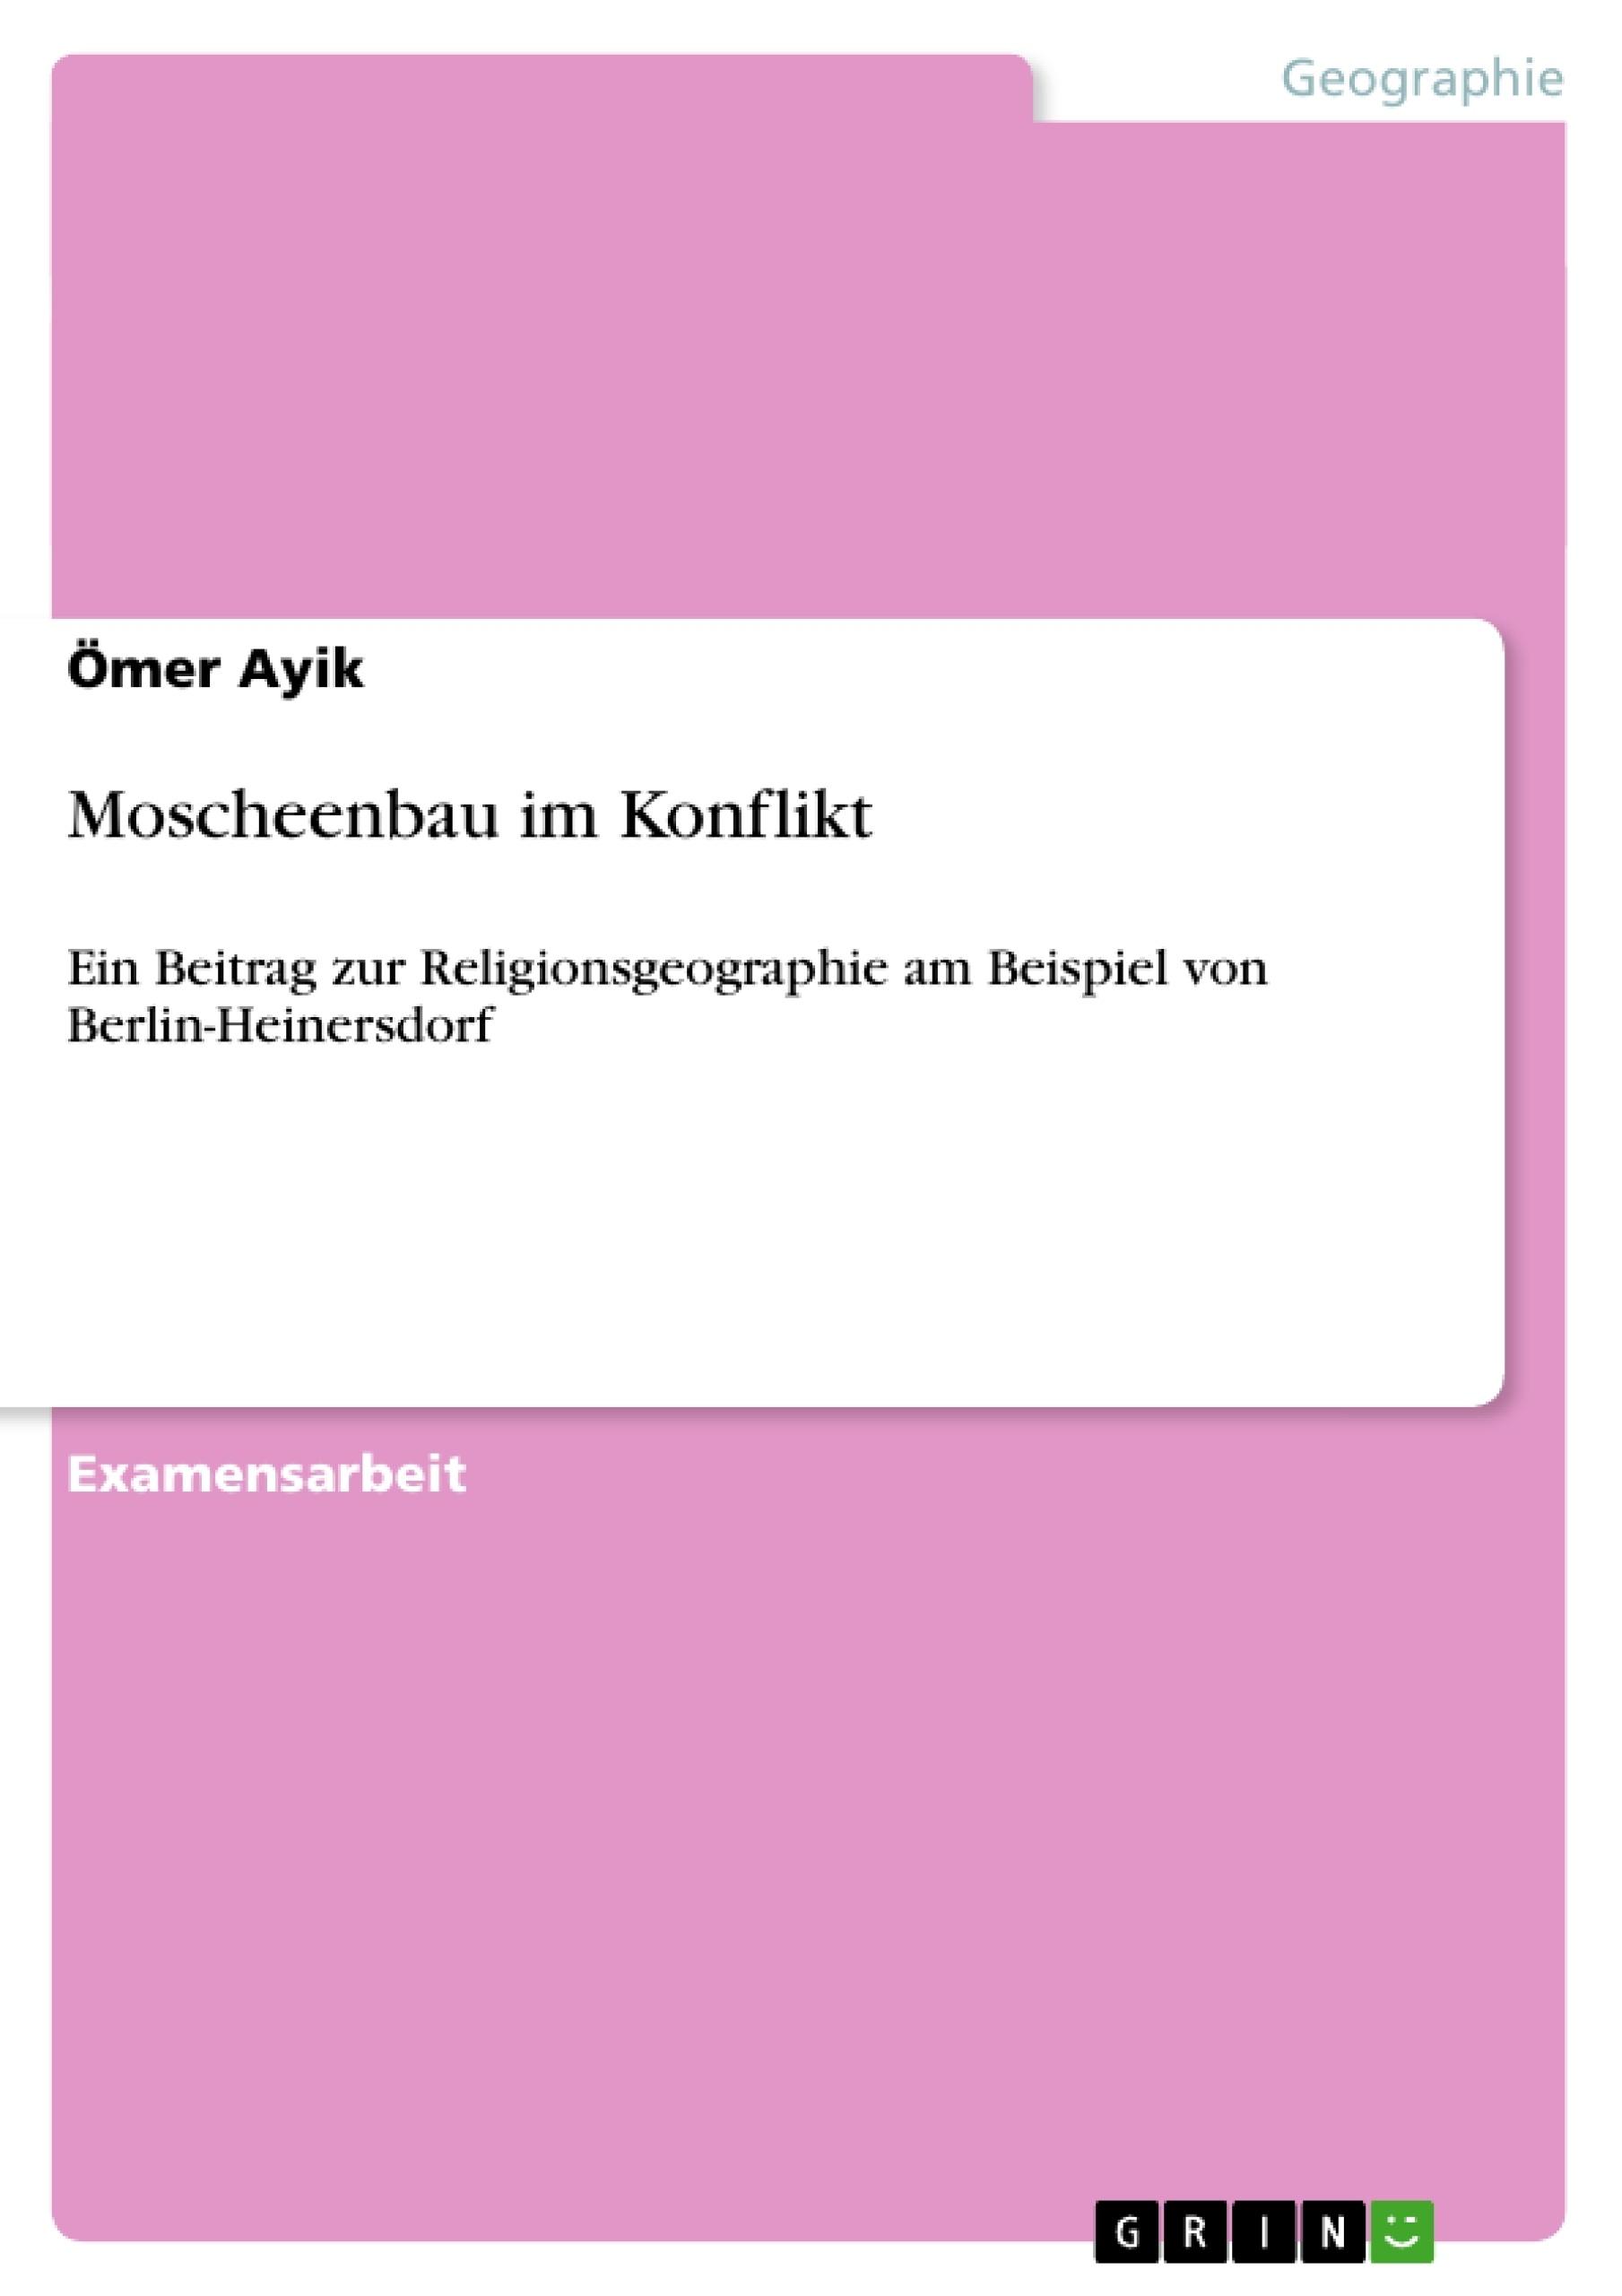 Titel: Moscheenbau im Konflikt